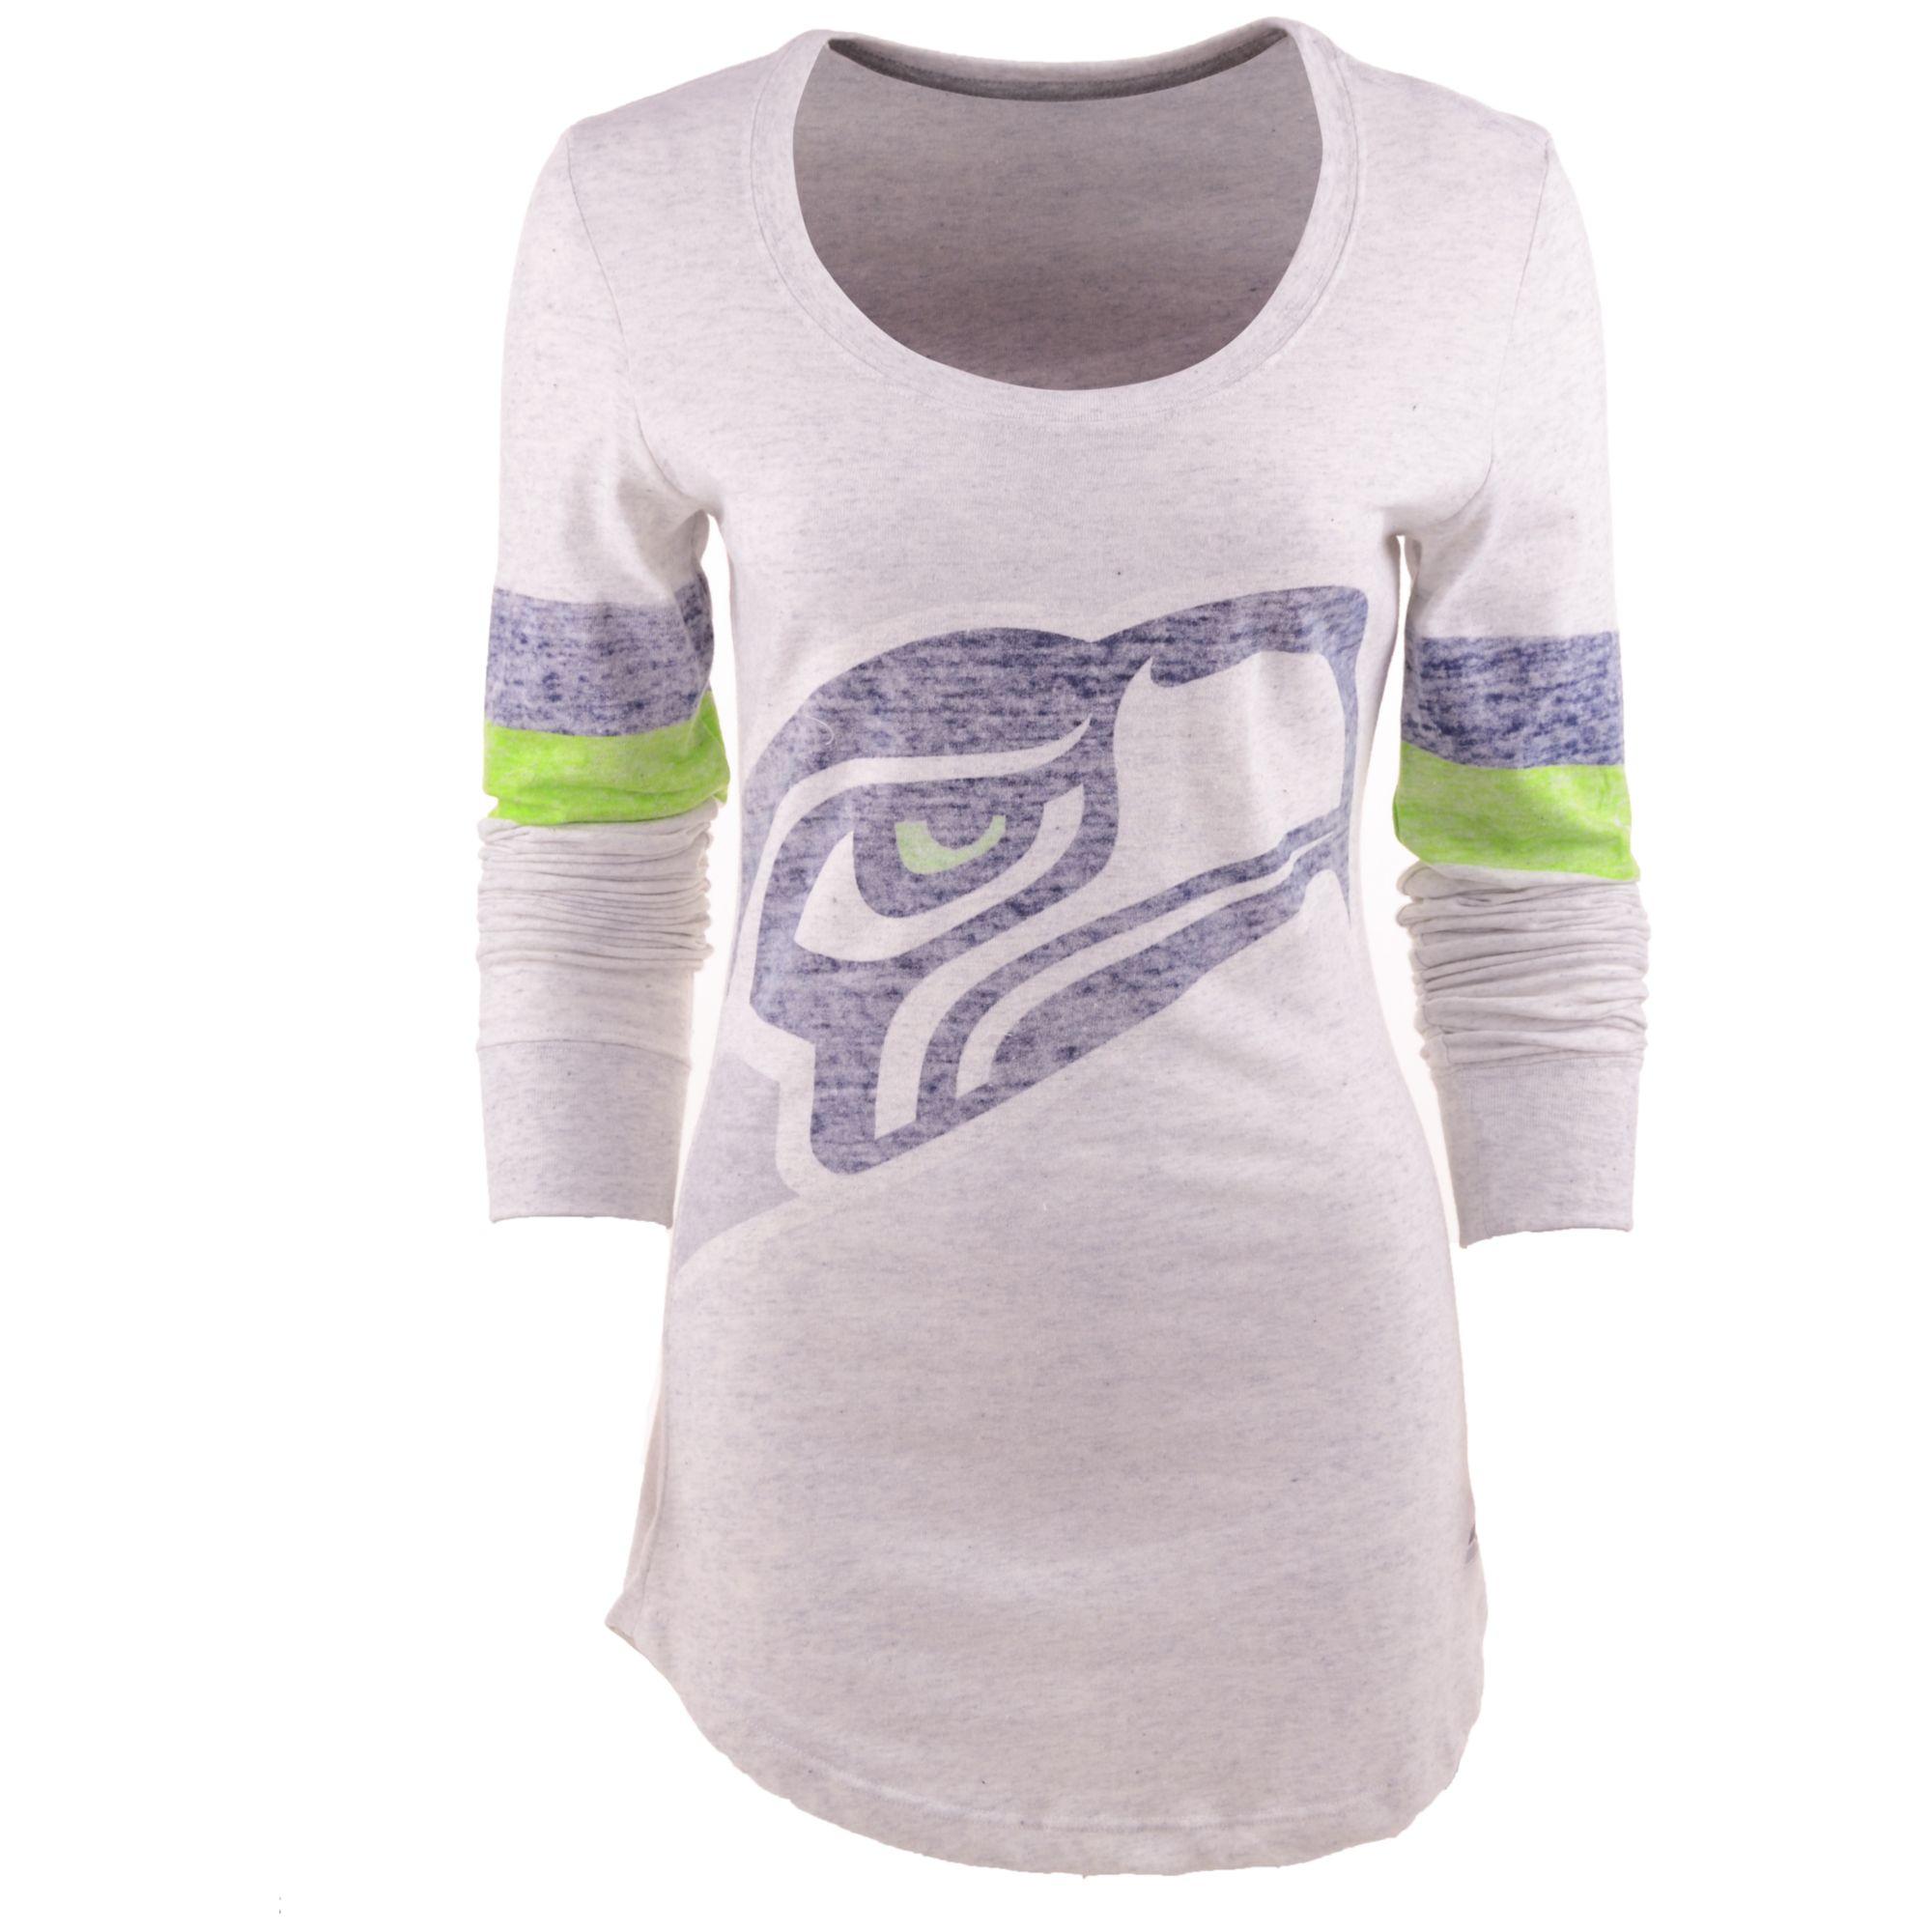 Russell Wilson Womens T Shirt